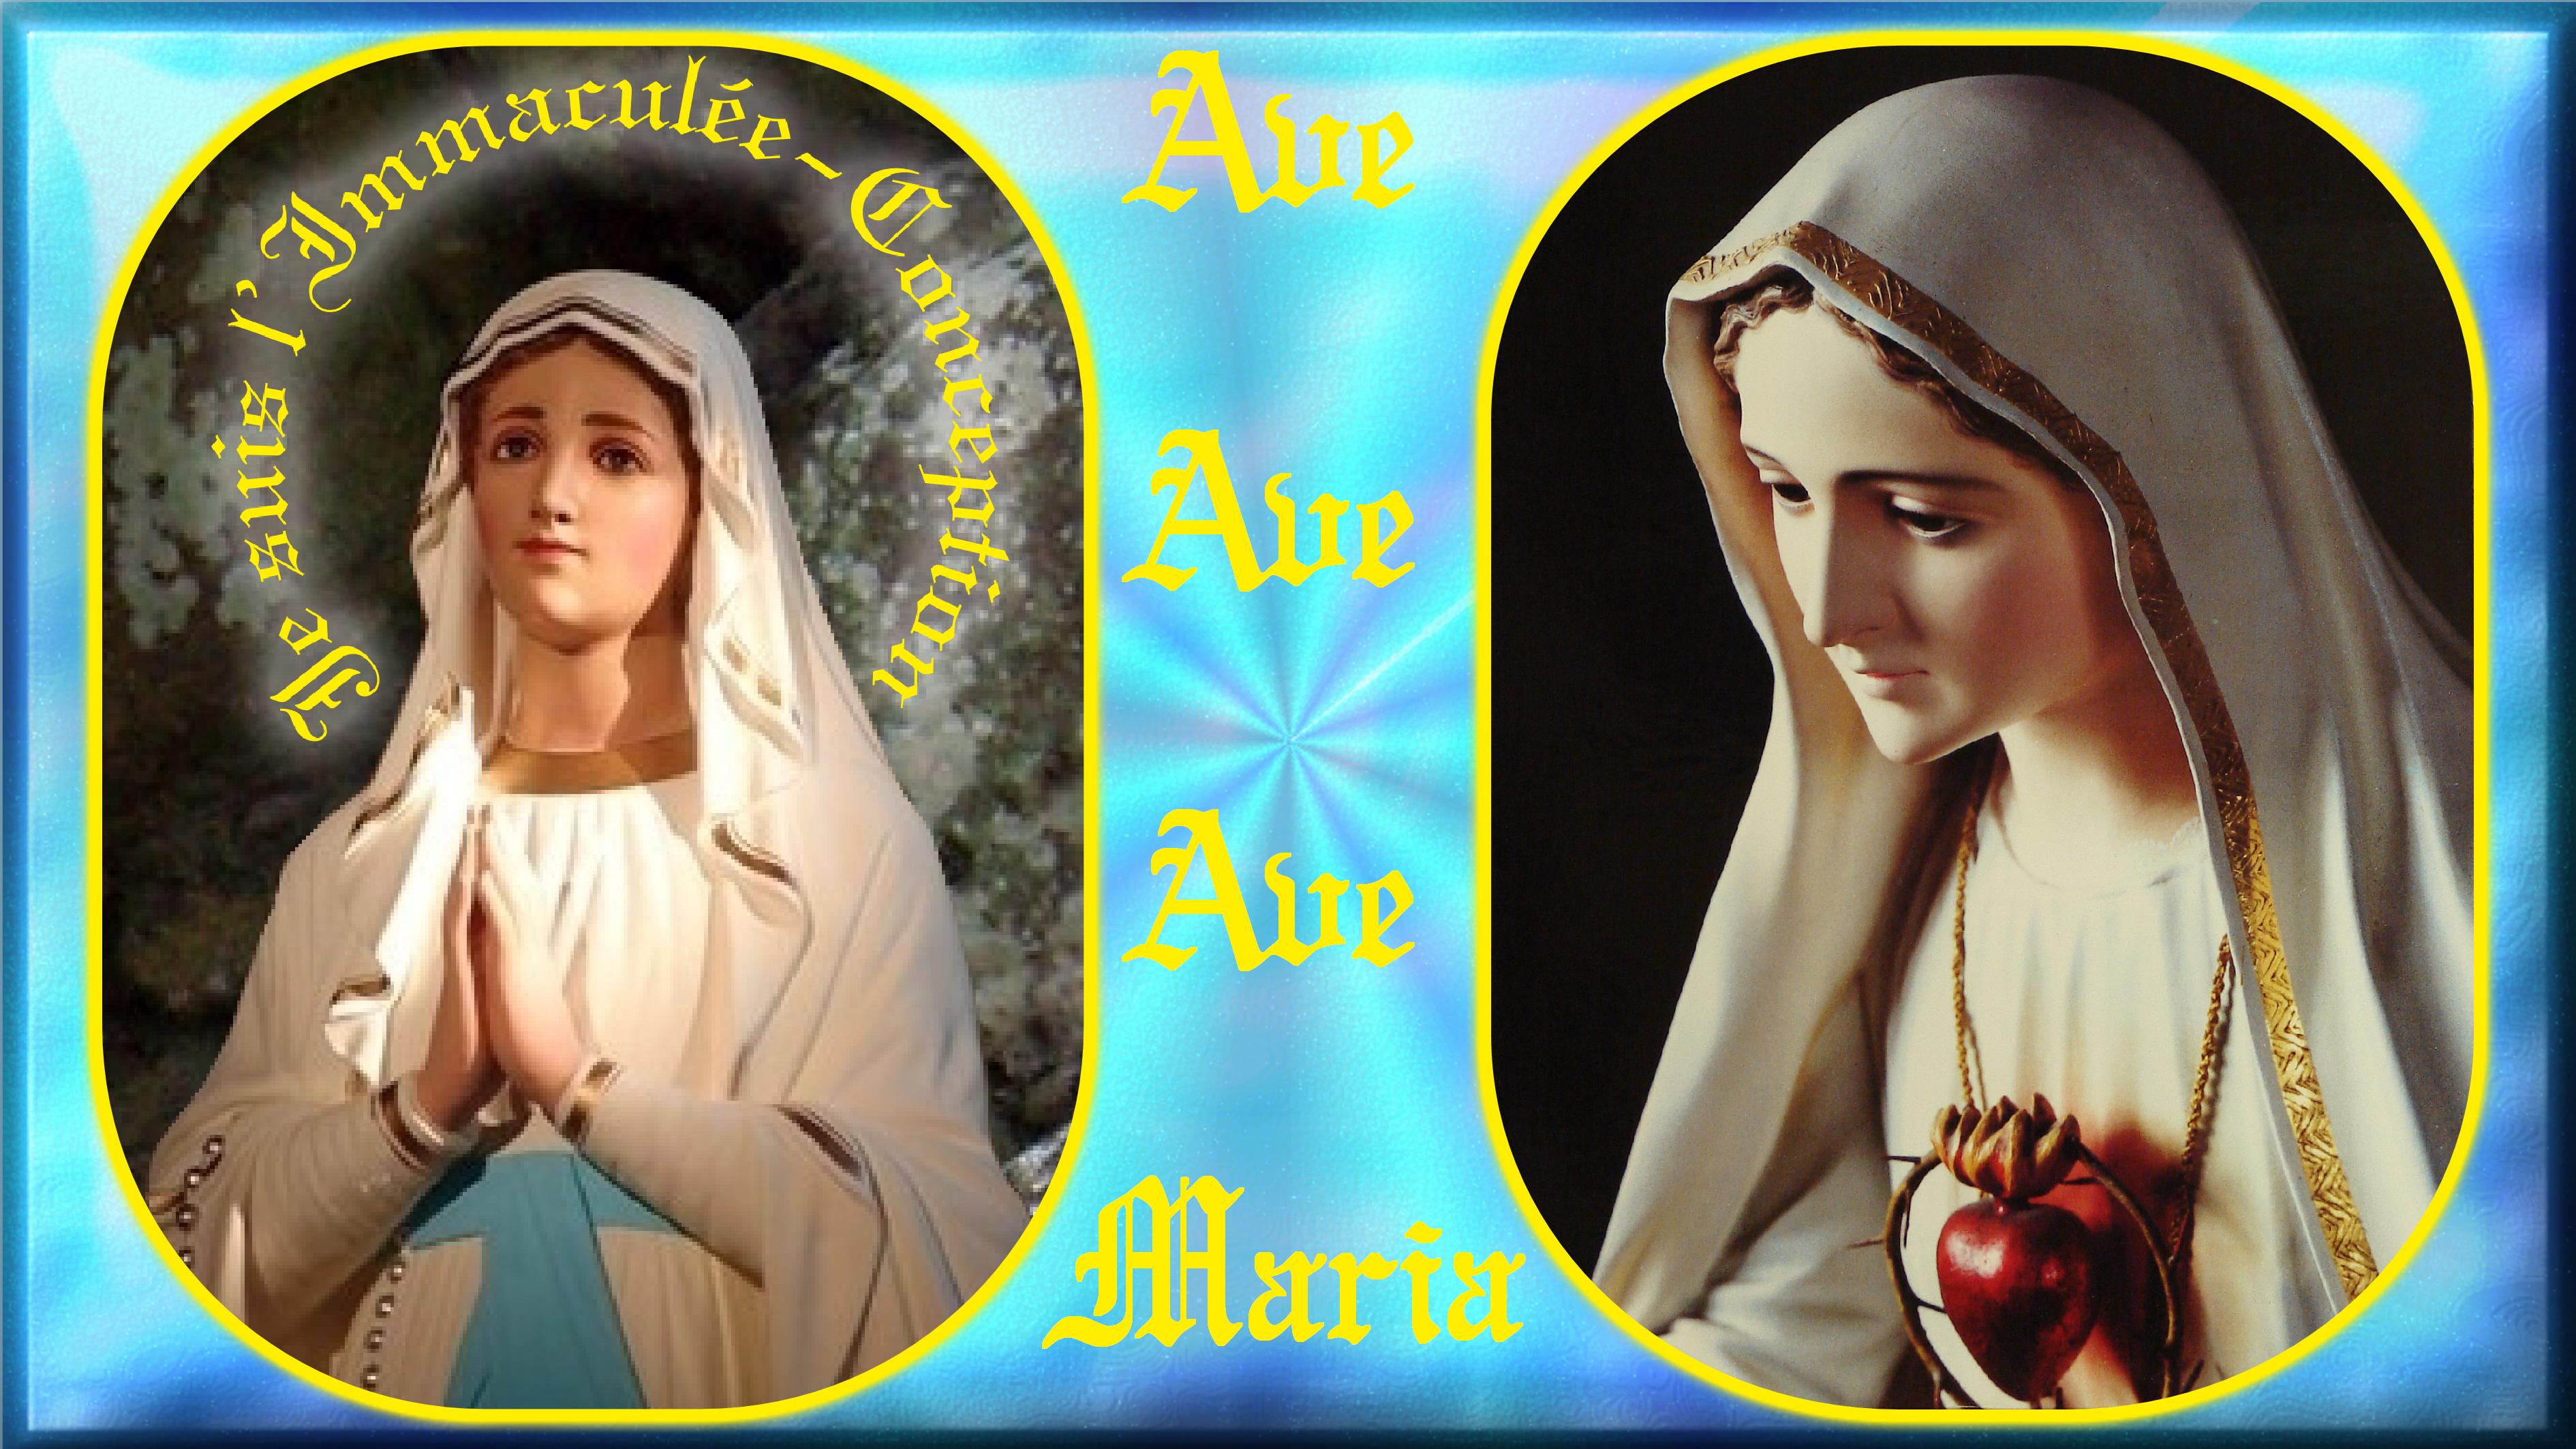 CALENDRIER CATHOLIQUE 2019 (Cantiques, Prières & Images) - Page 18 Ave-maria-_-notre...e-fatima-56dc002